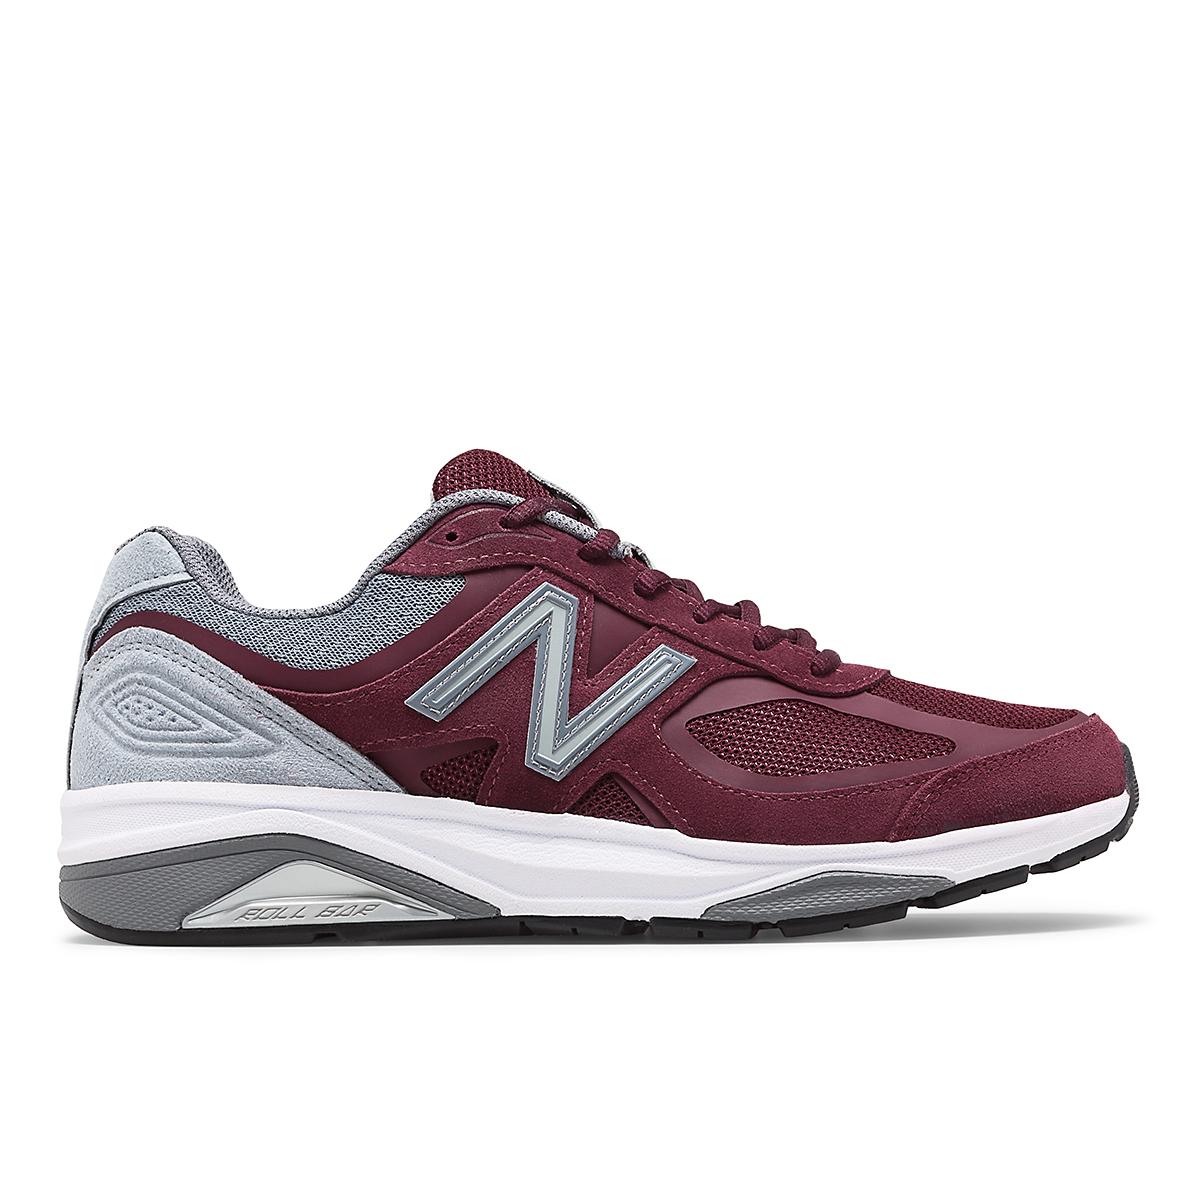 Men's New Balance 1540V3 Walking Shoe - Color: Burgundy - Size: 7 - Width: Wide, Burgundy, large, image 1